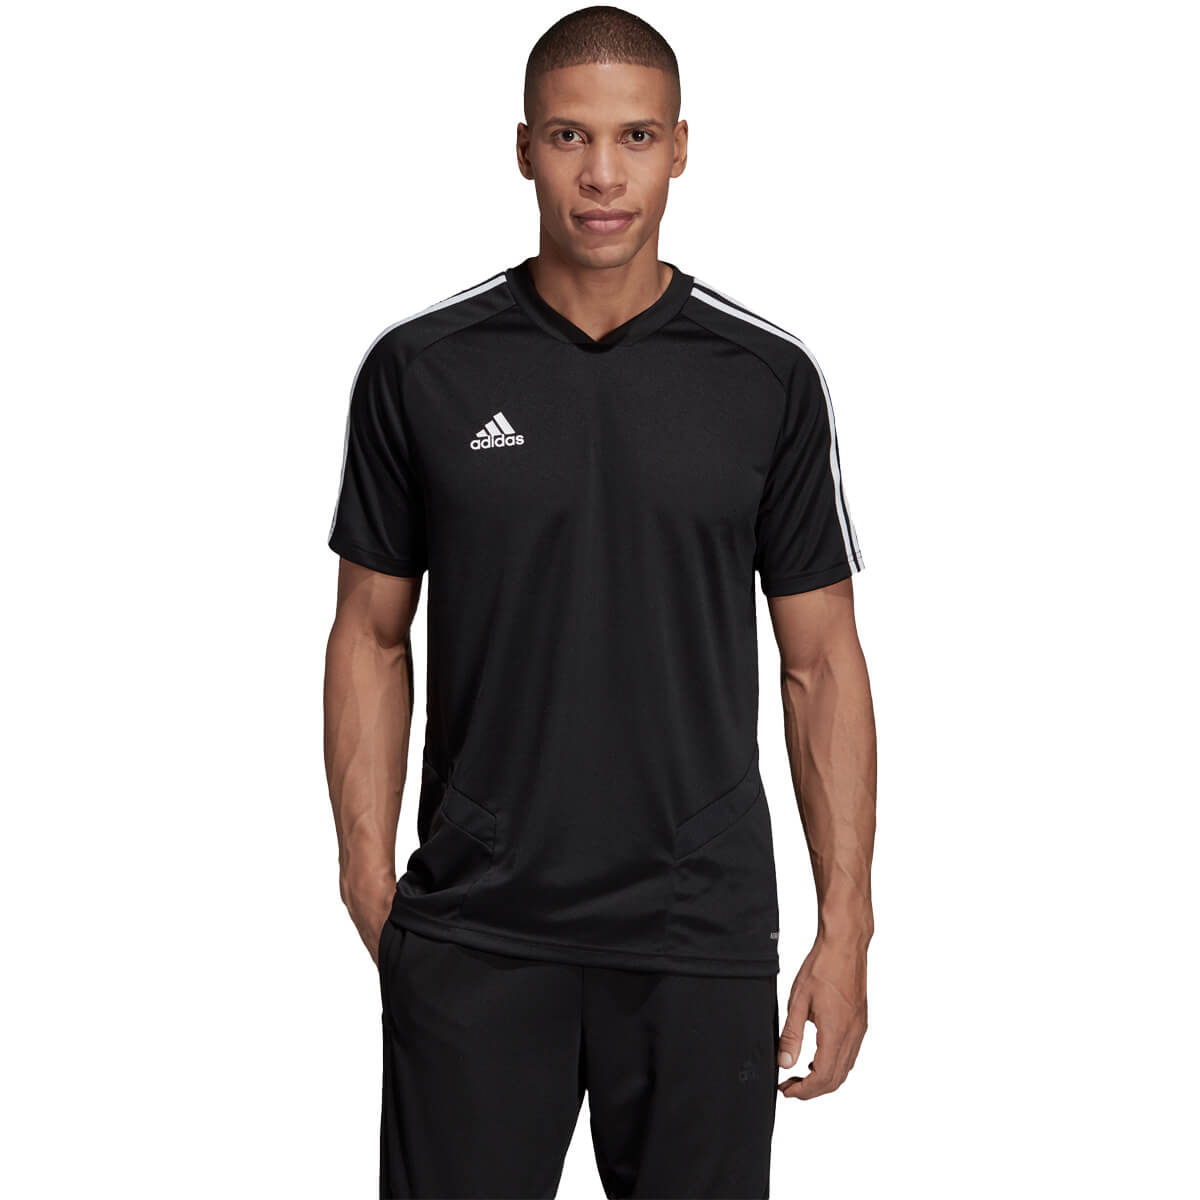 Adidas Tiro 19 Training Jersey Herre